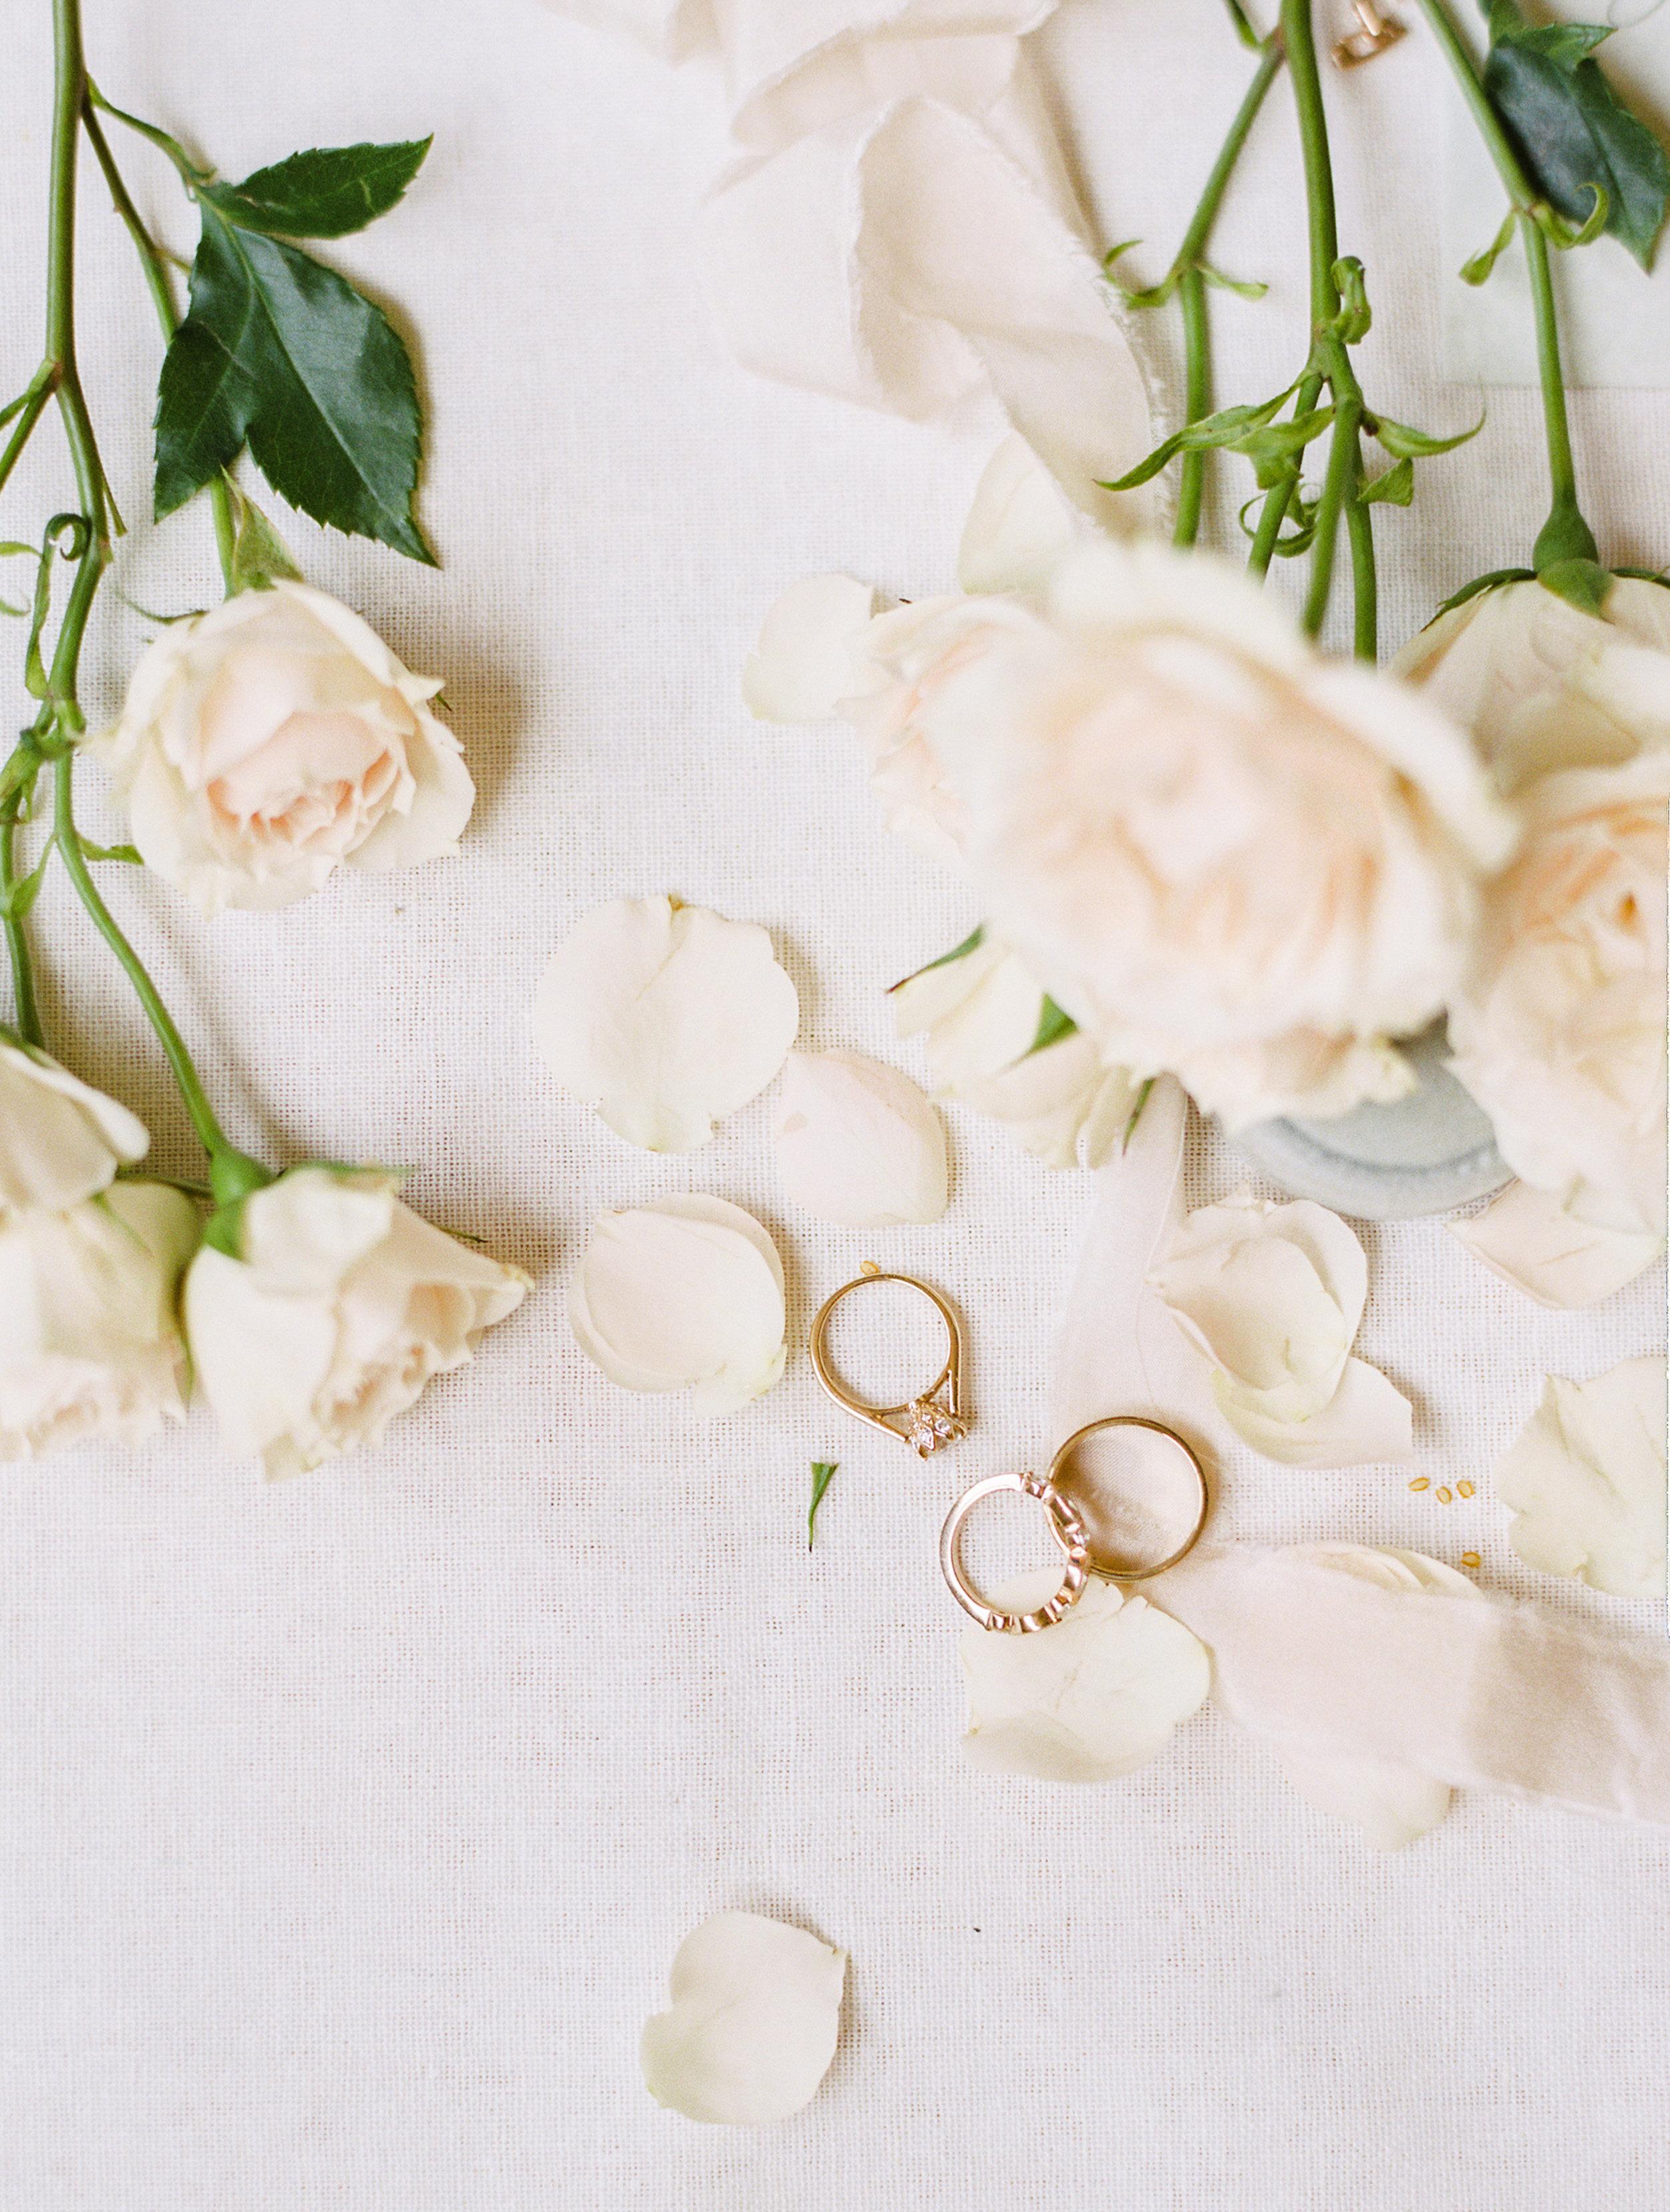 Steiner+Wedding+Details-57.jpg